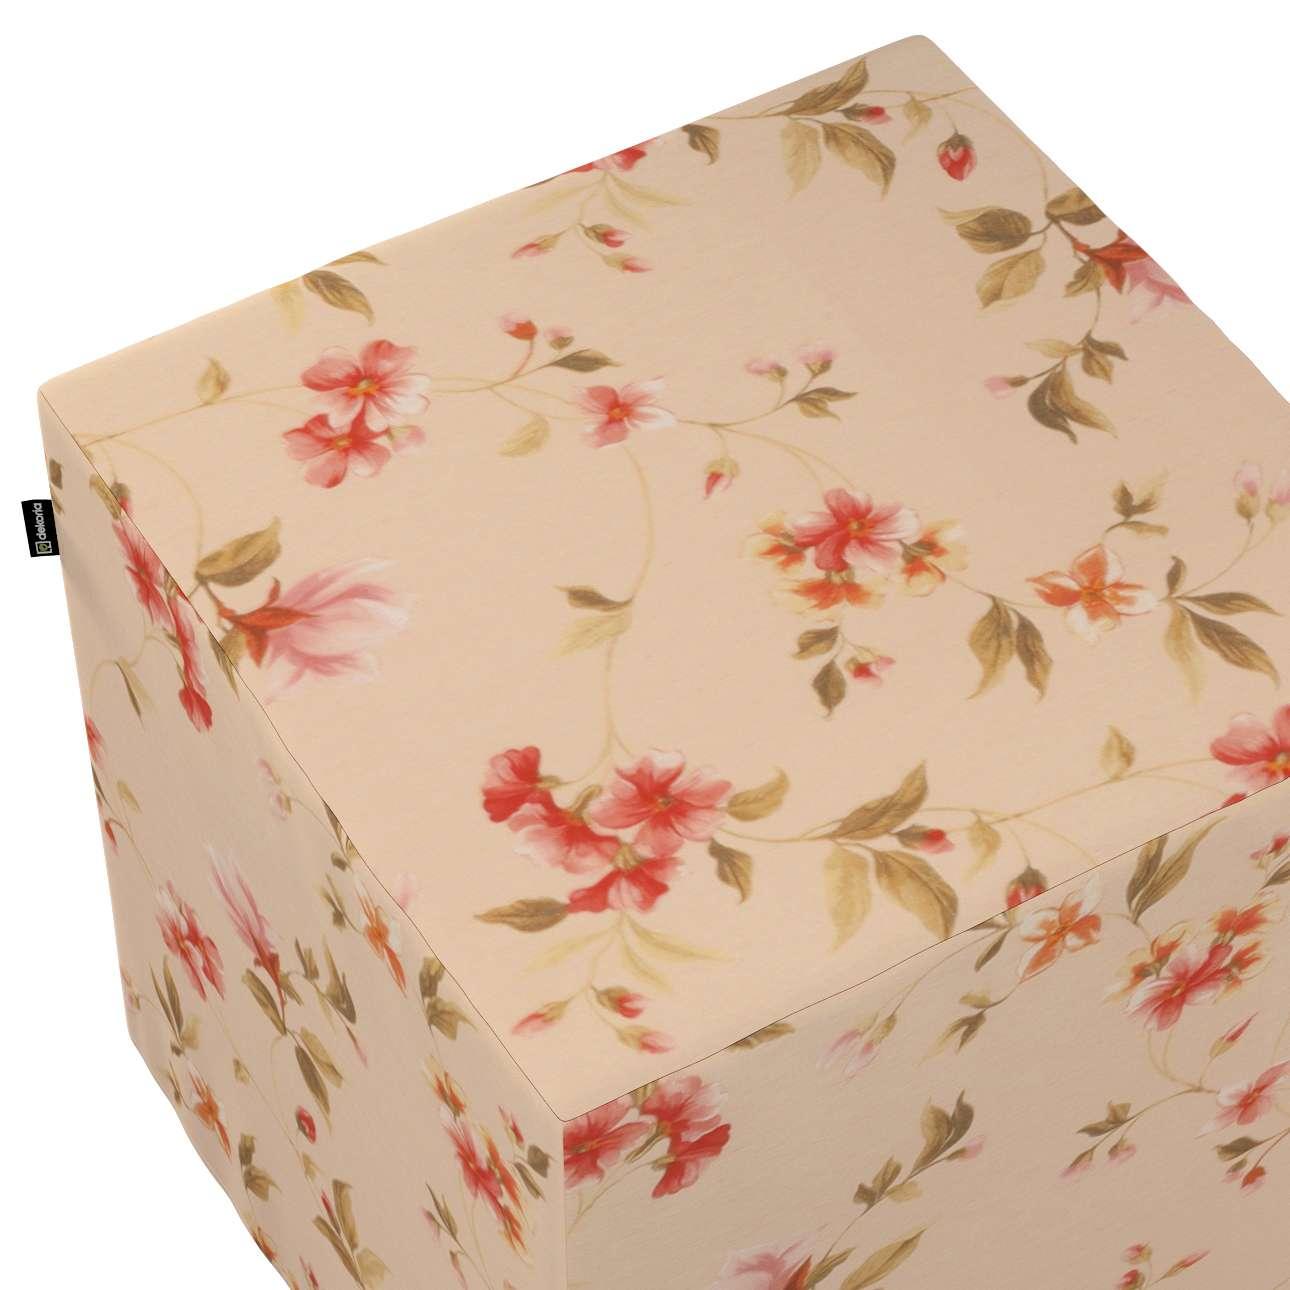 Taburetka tvrdá, kocka V kolekcii Londres, tkanina: 124-05